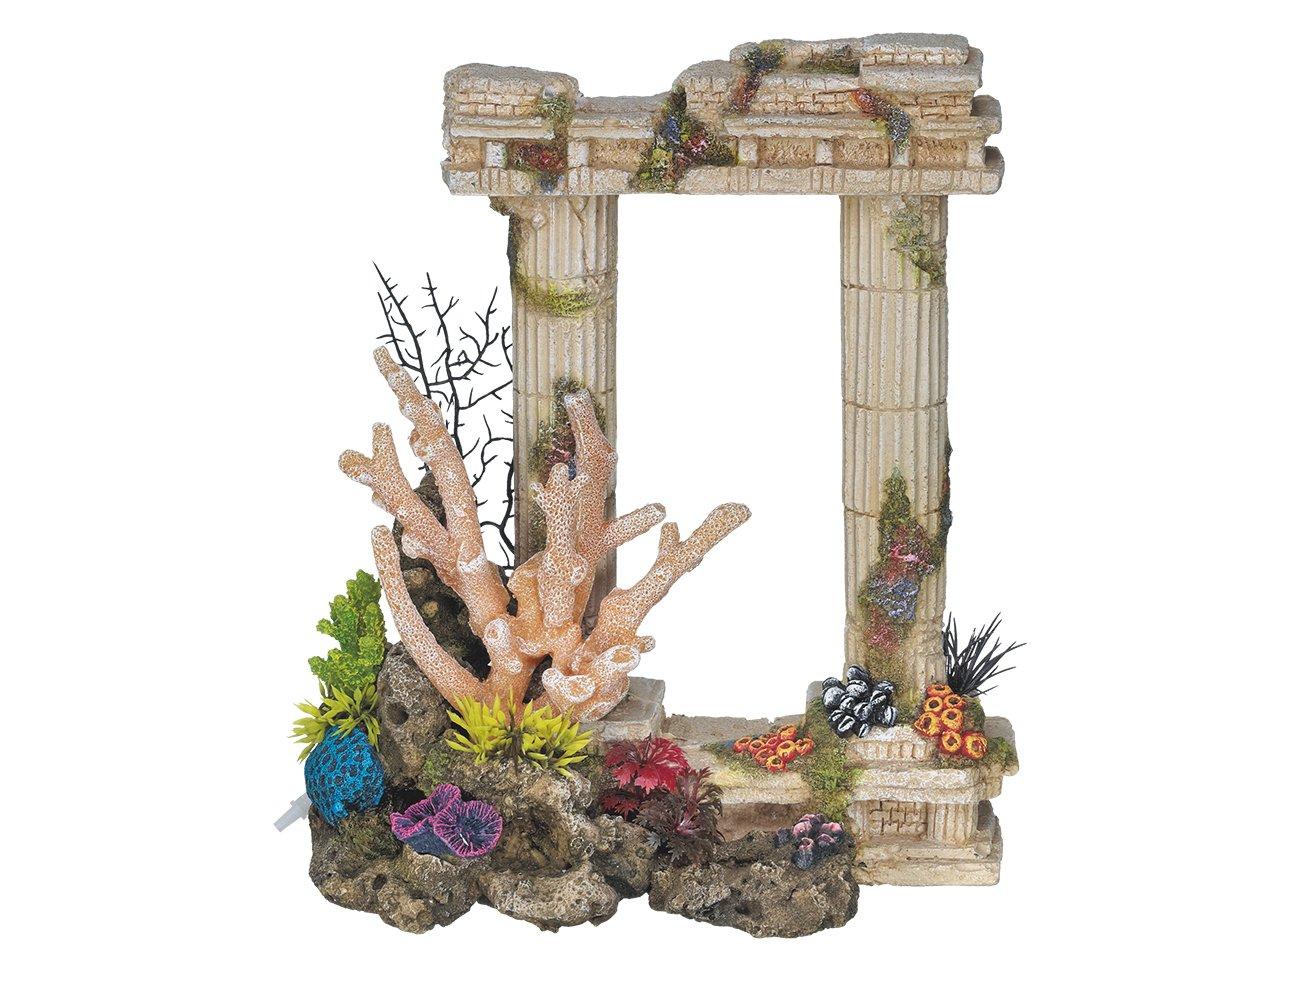 Nobby Columns With Corals Aquarium Ornaments, 25.5 x 13 x 29.5 cm